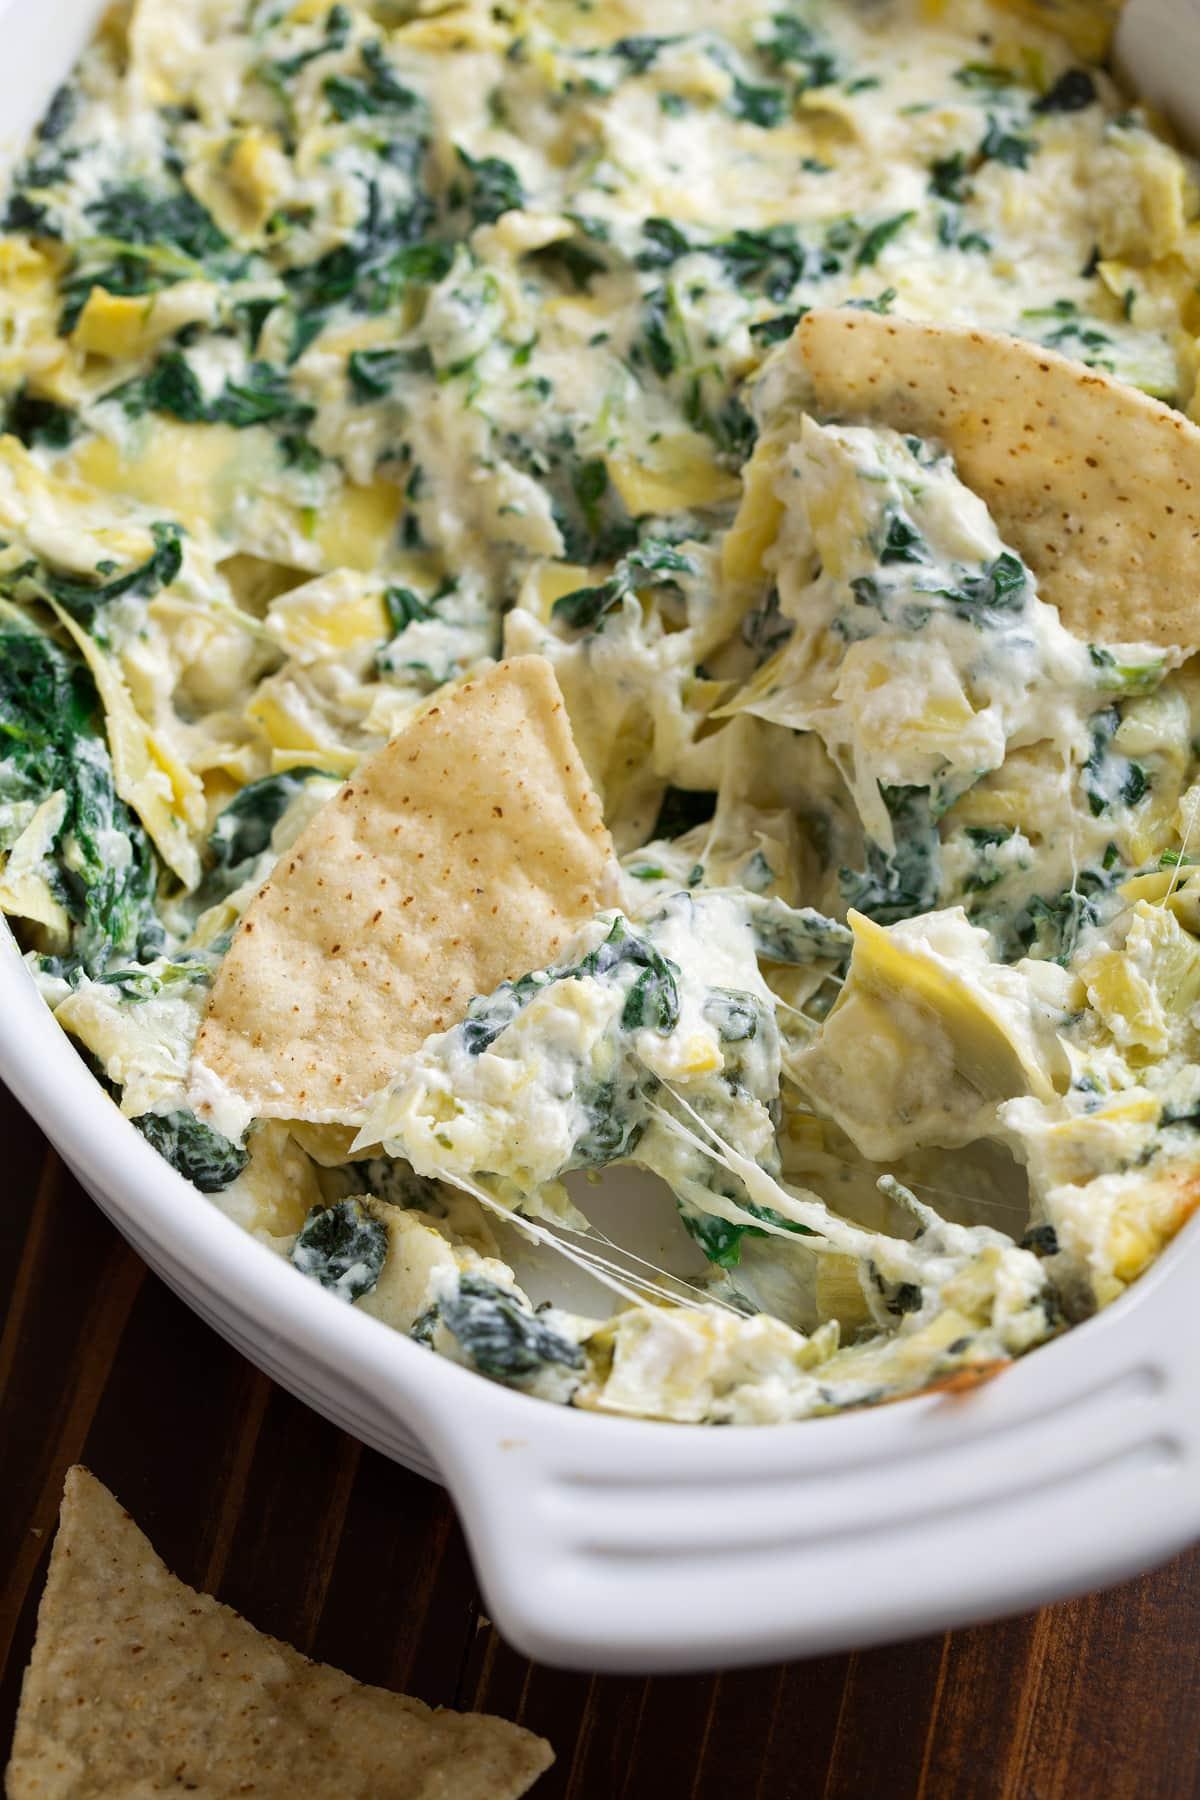 Best Spinach Artichoke Dip Recipe Cooking Classy